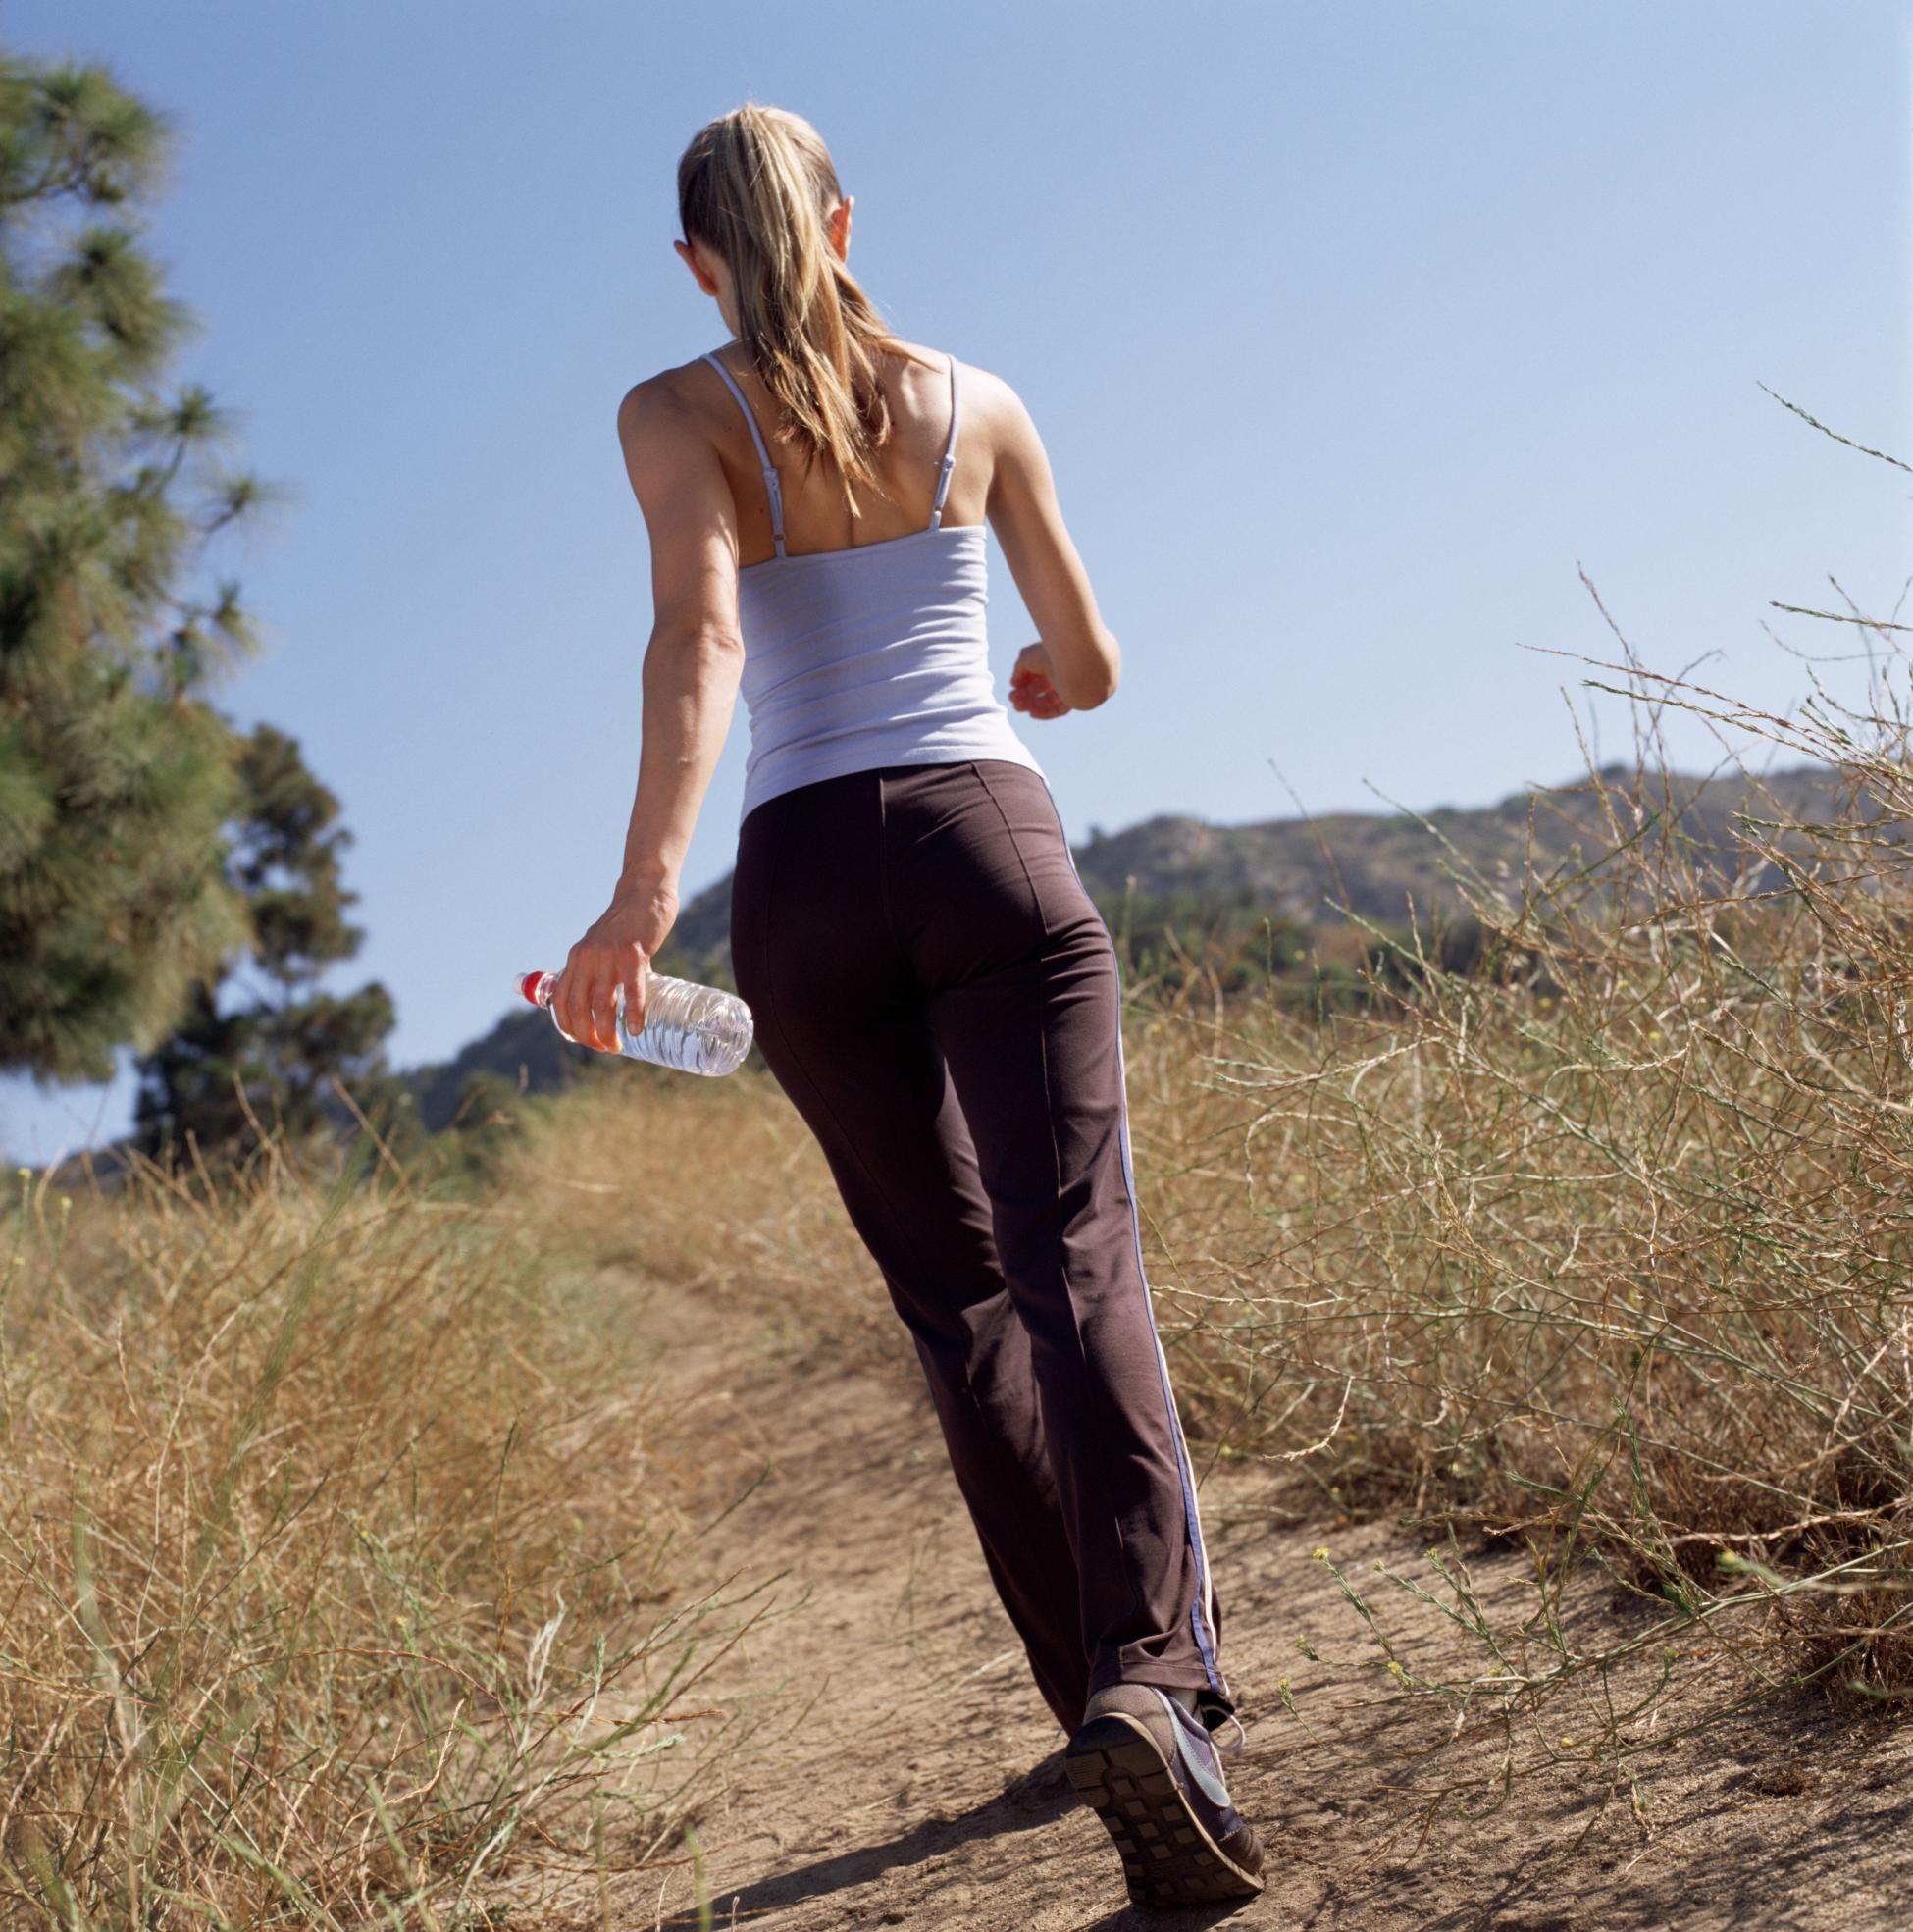 Jillian michaels best weight loss plan image 7